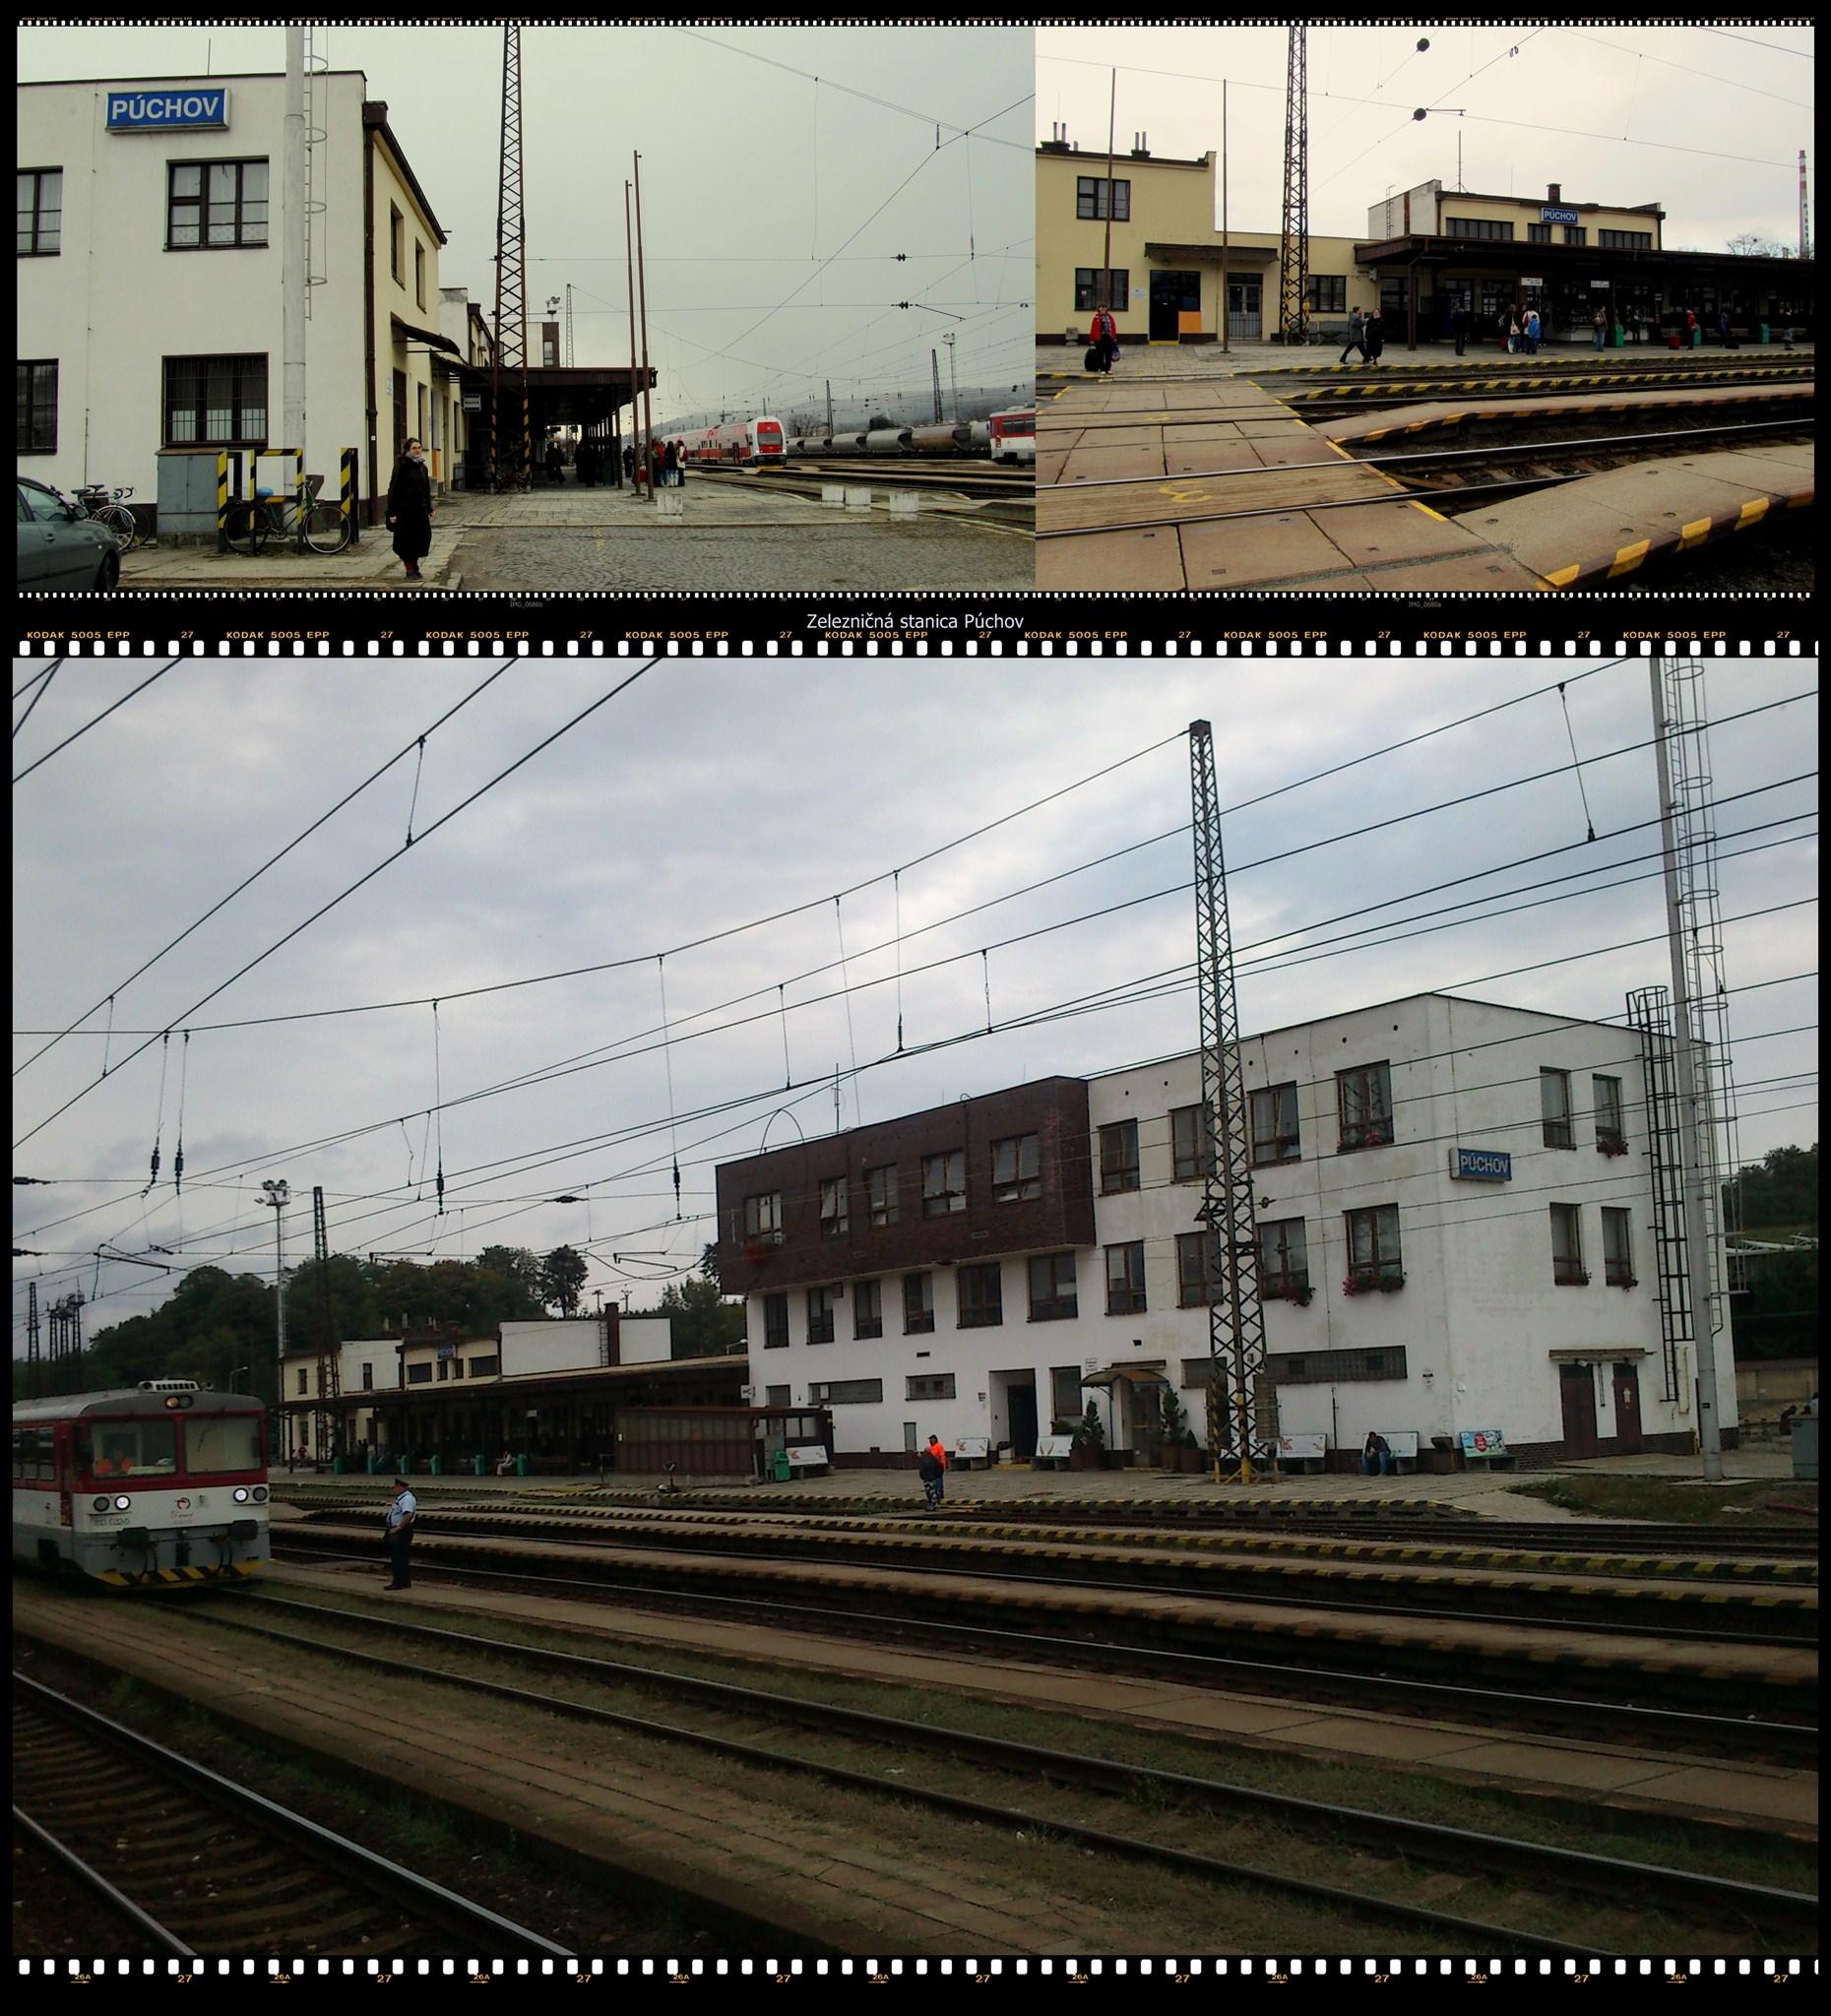 Zeleznicna stanica Puchov